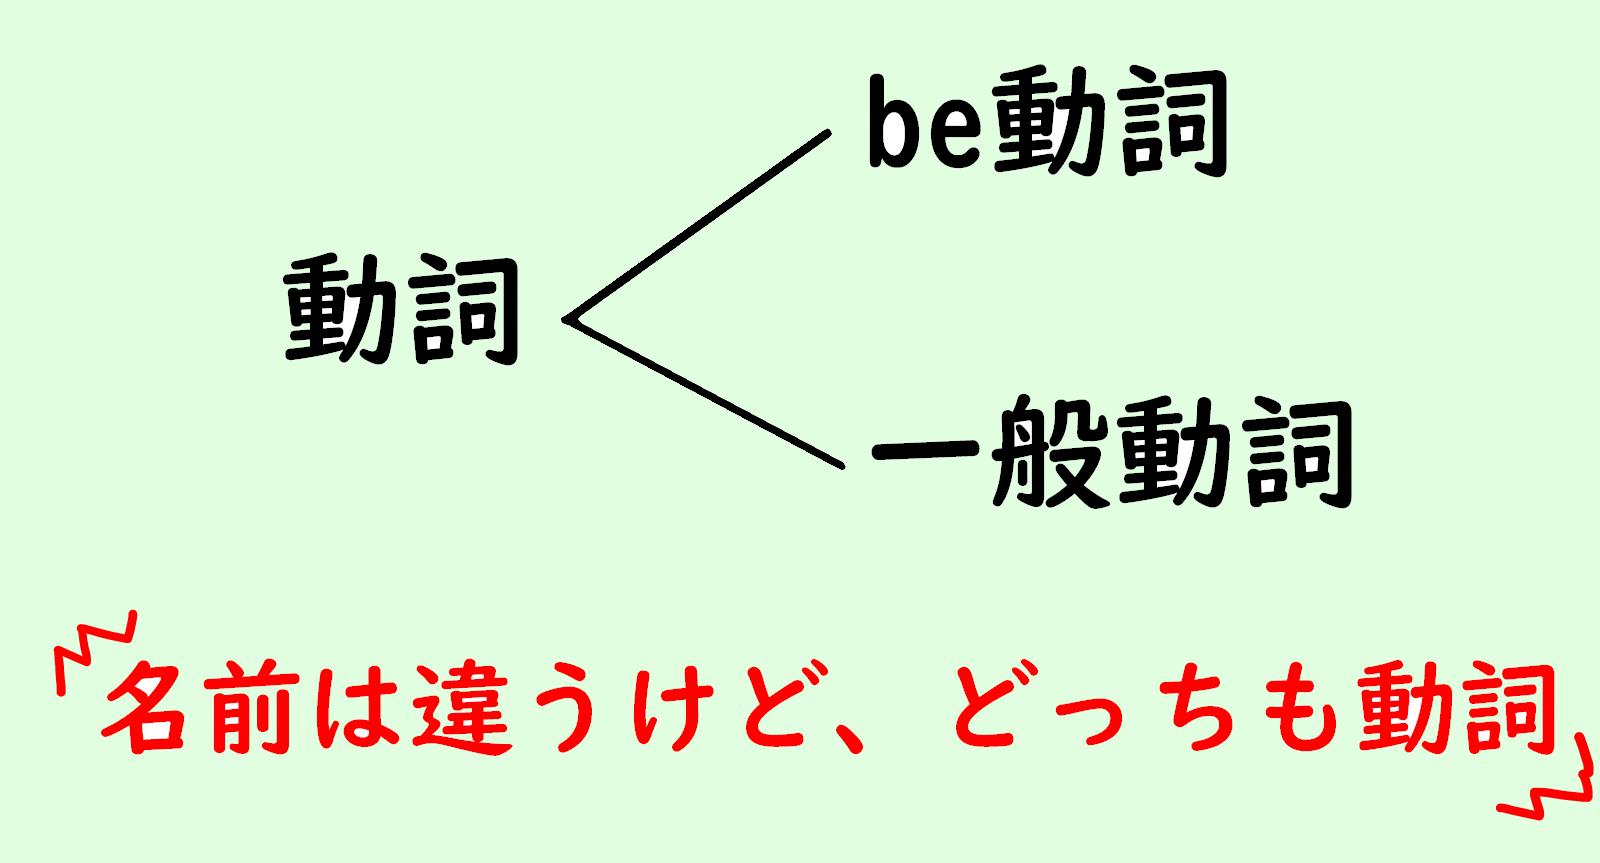 動詞は2種類